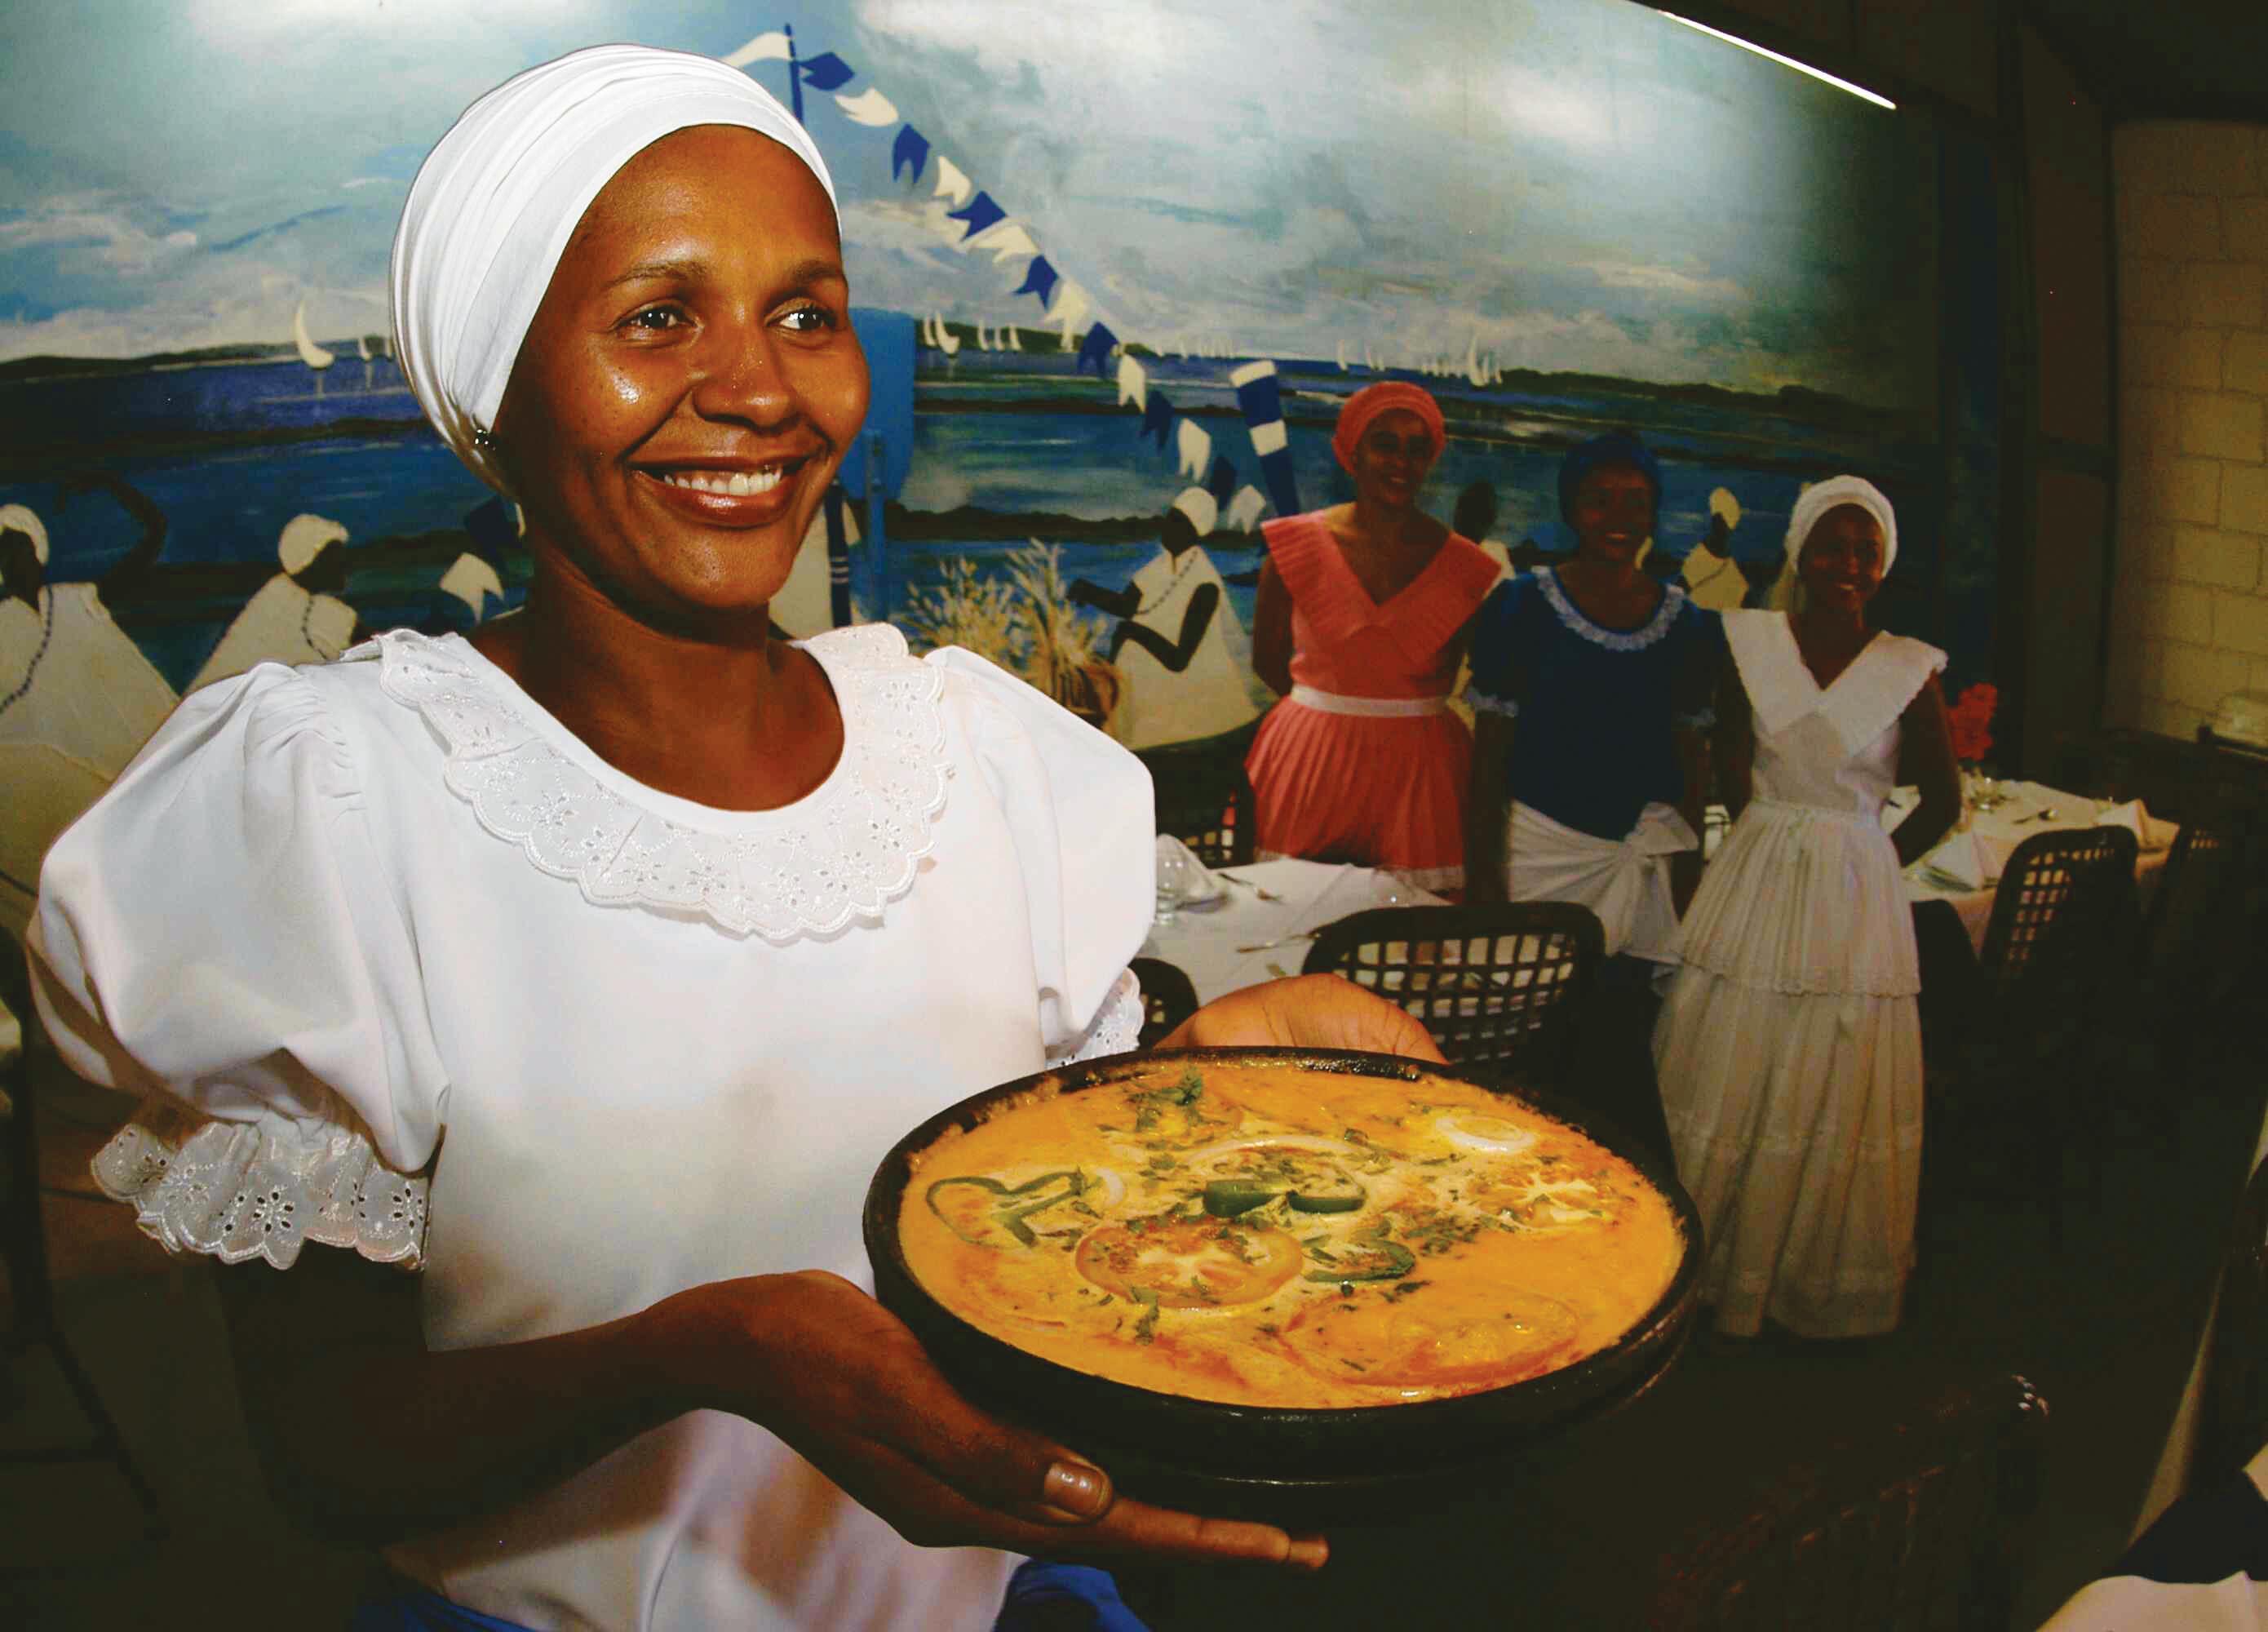 Mulher vestida de baiana, com um grande sorriso no rosto, oferecendo uma panela de barro com uma moqueca